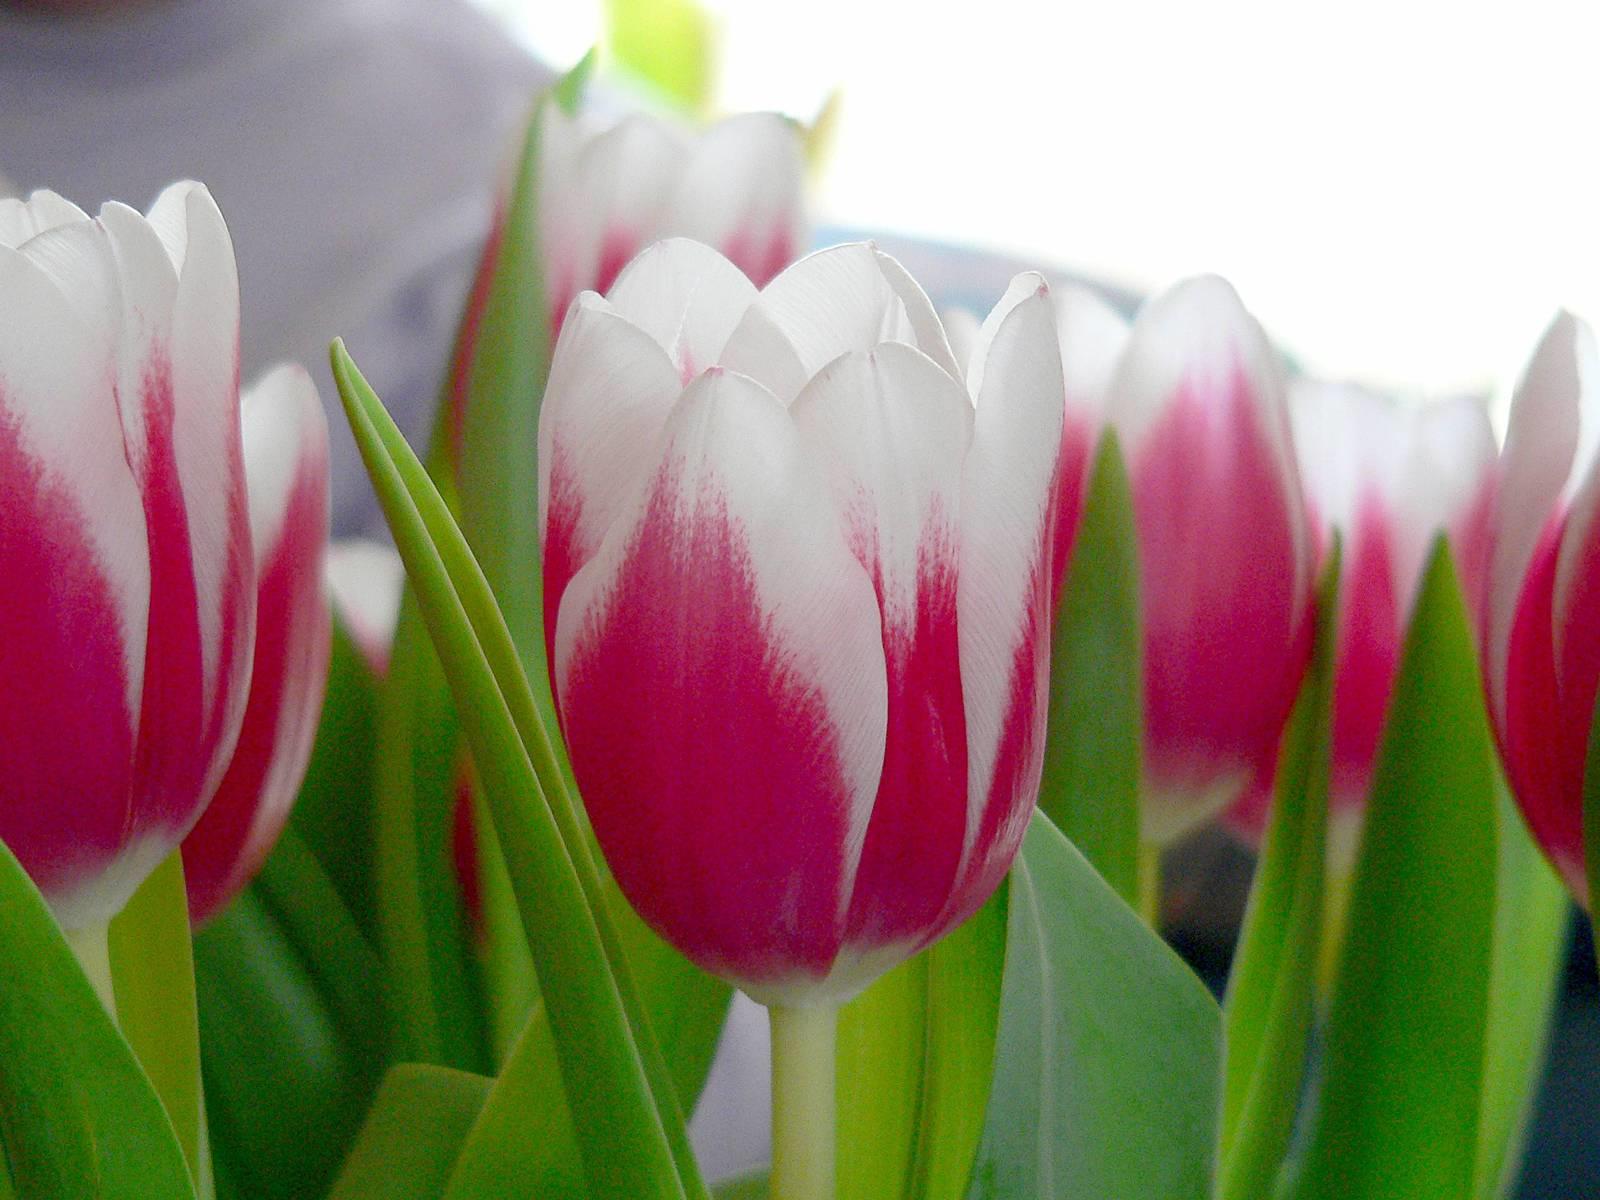 La tulipomania fu solo olandese?